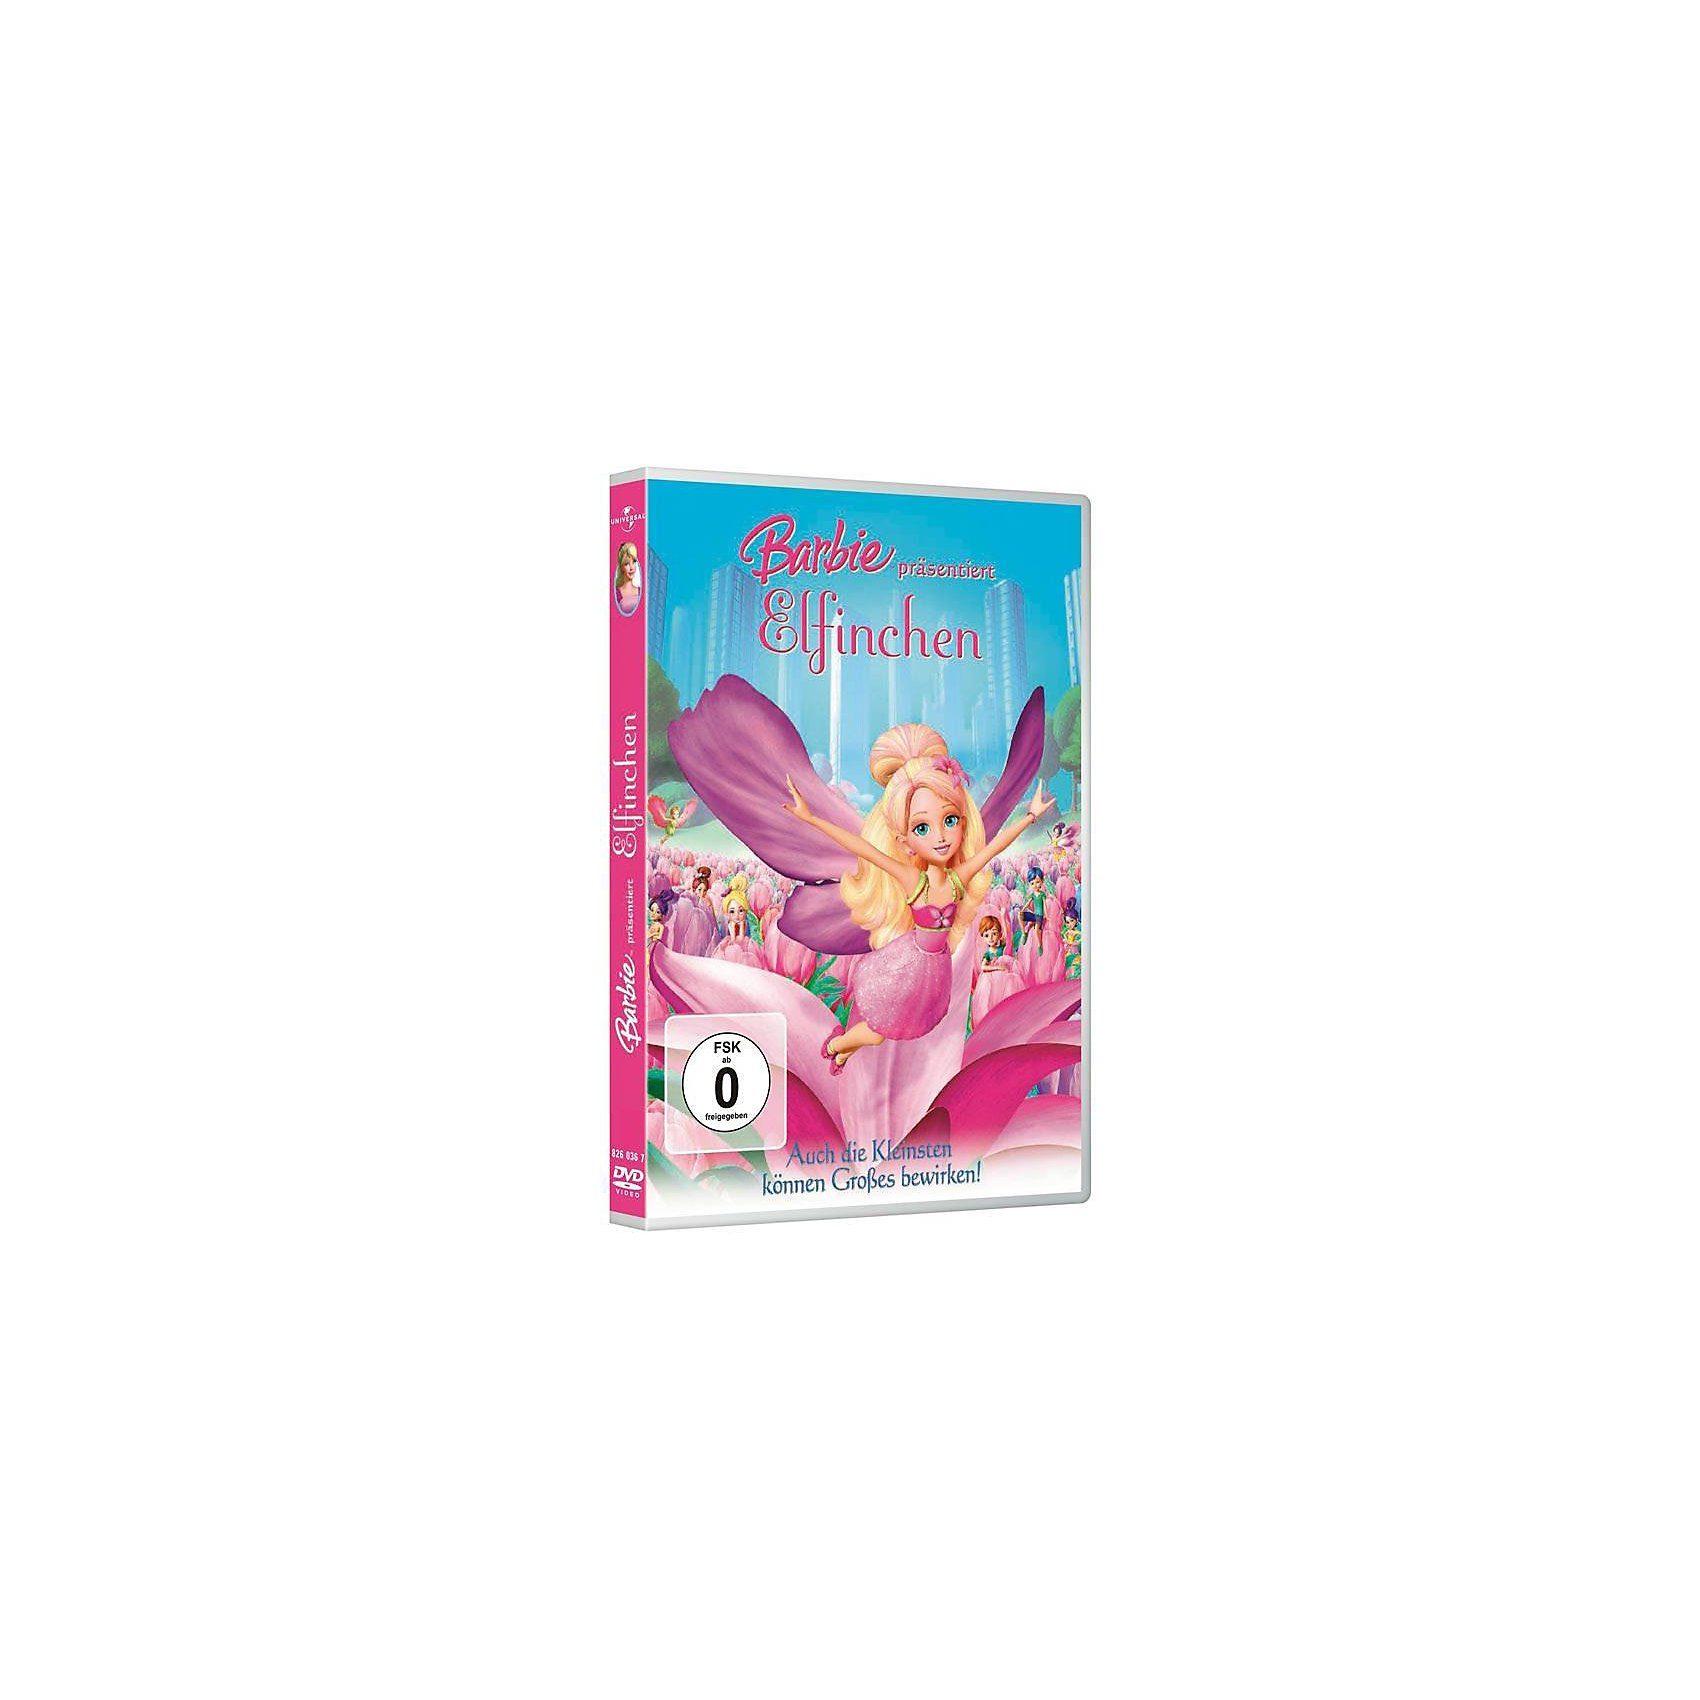 Universal DVD Barbie - Elfinchen